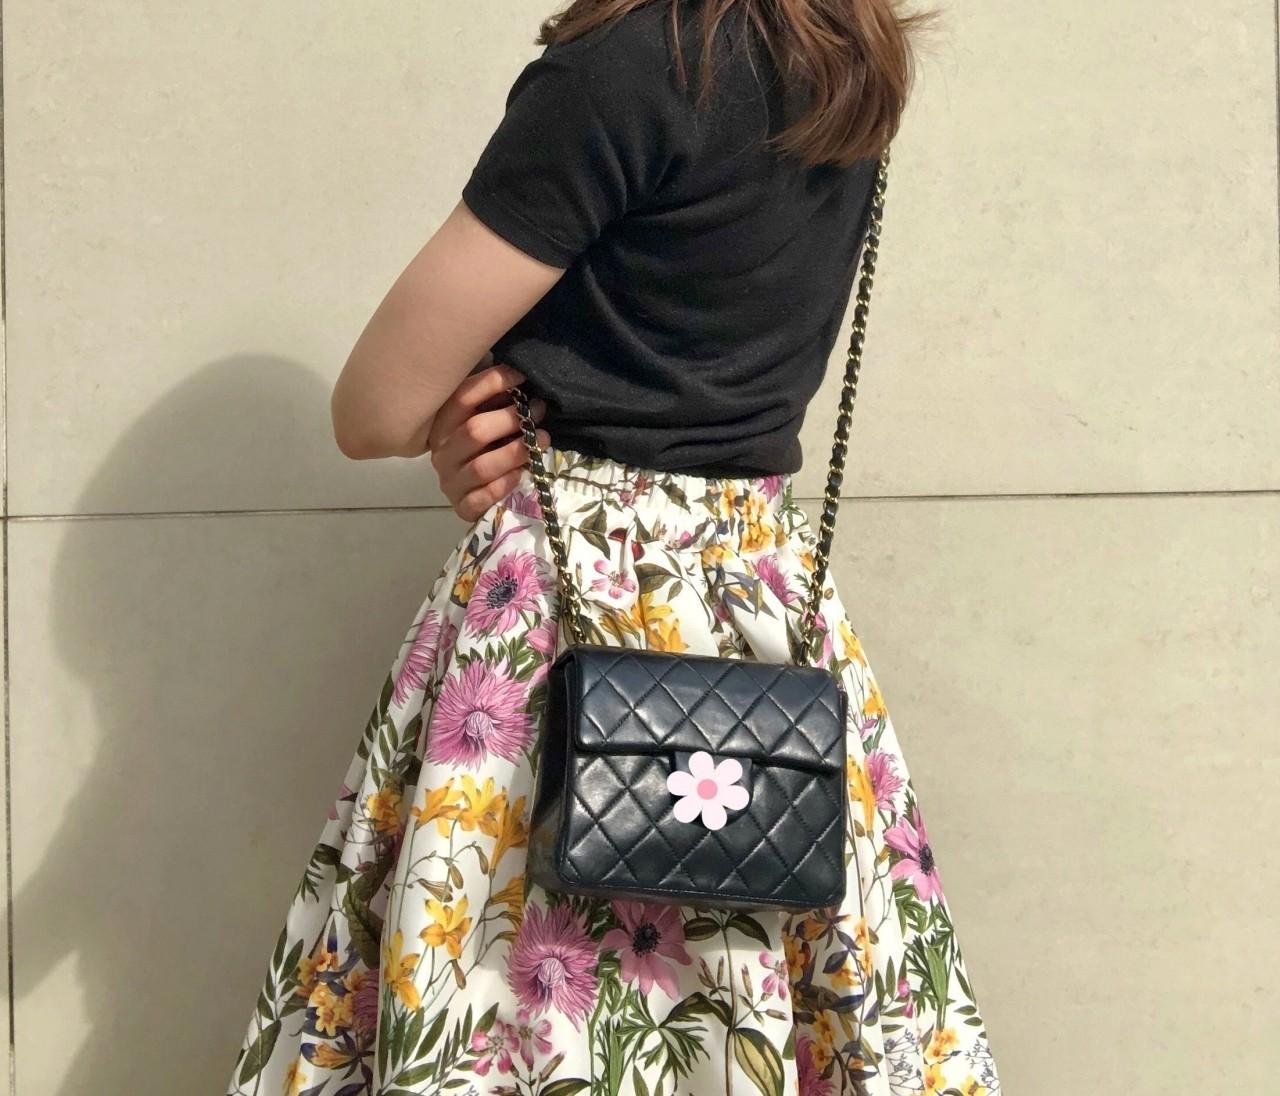 ネットでポチった【あがる⤴花柄スカート】をはいて久々の外出!